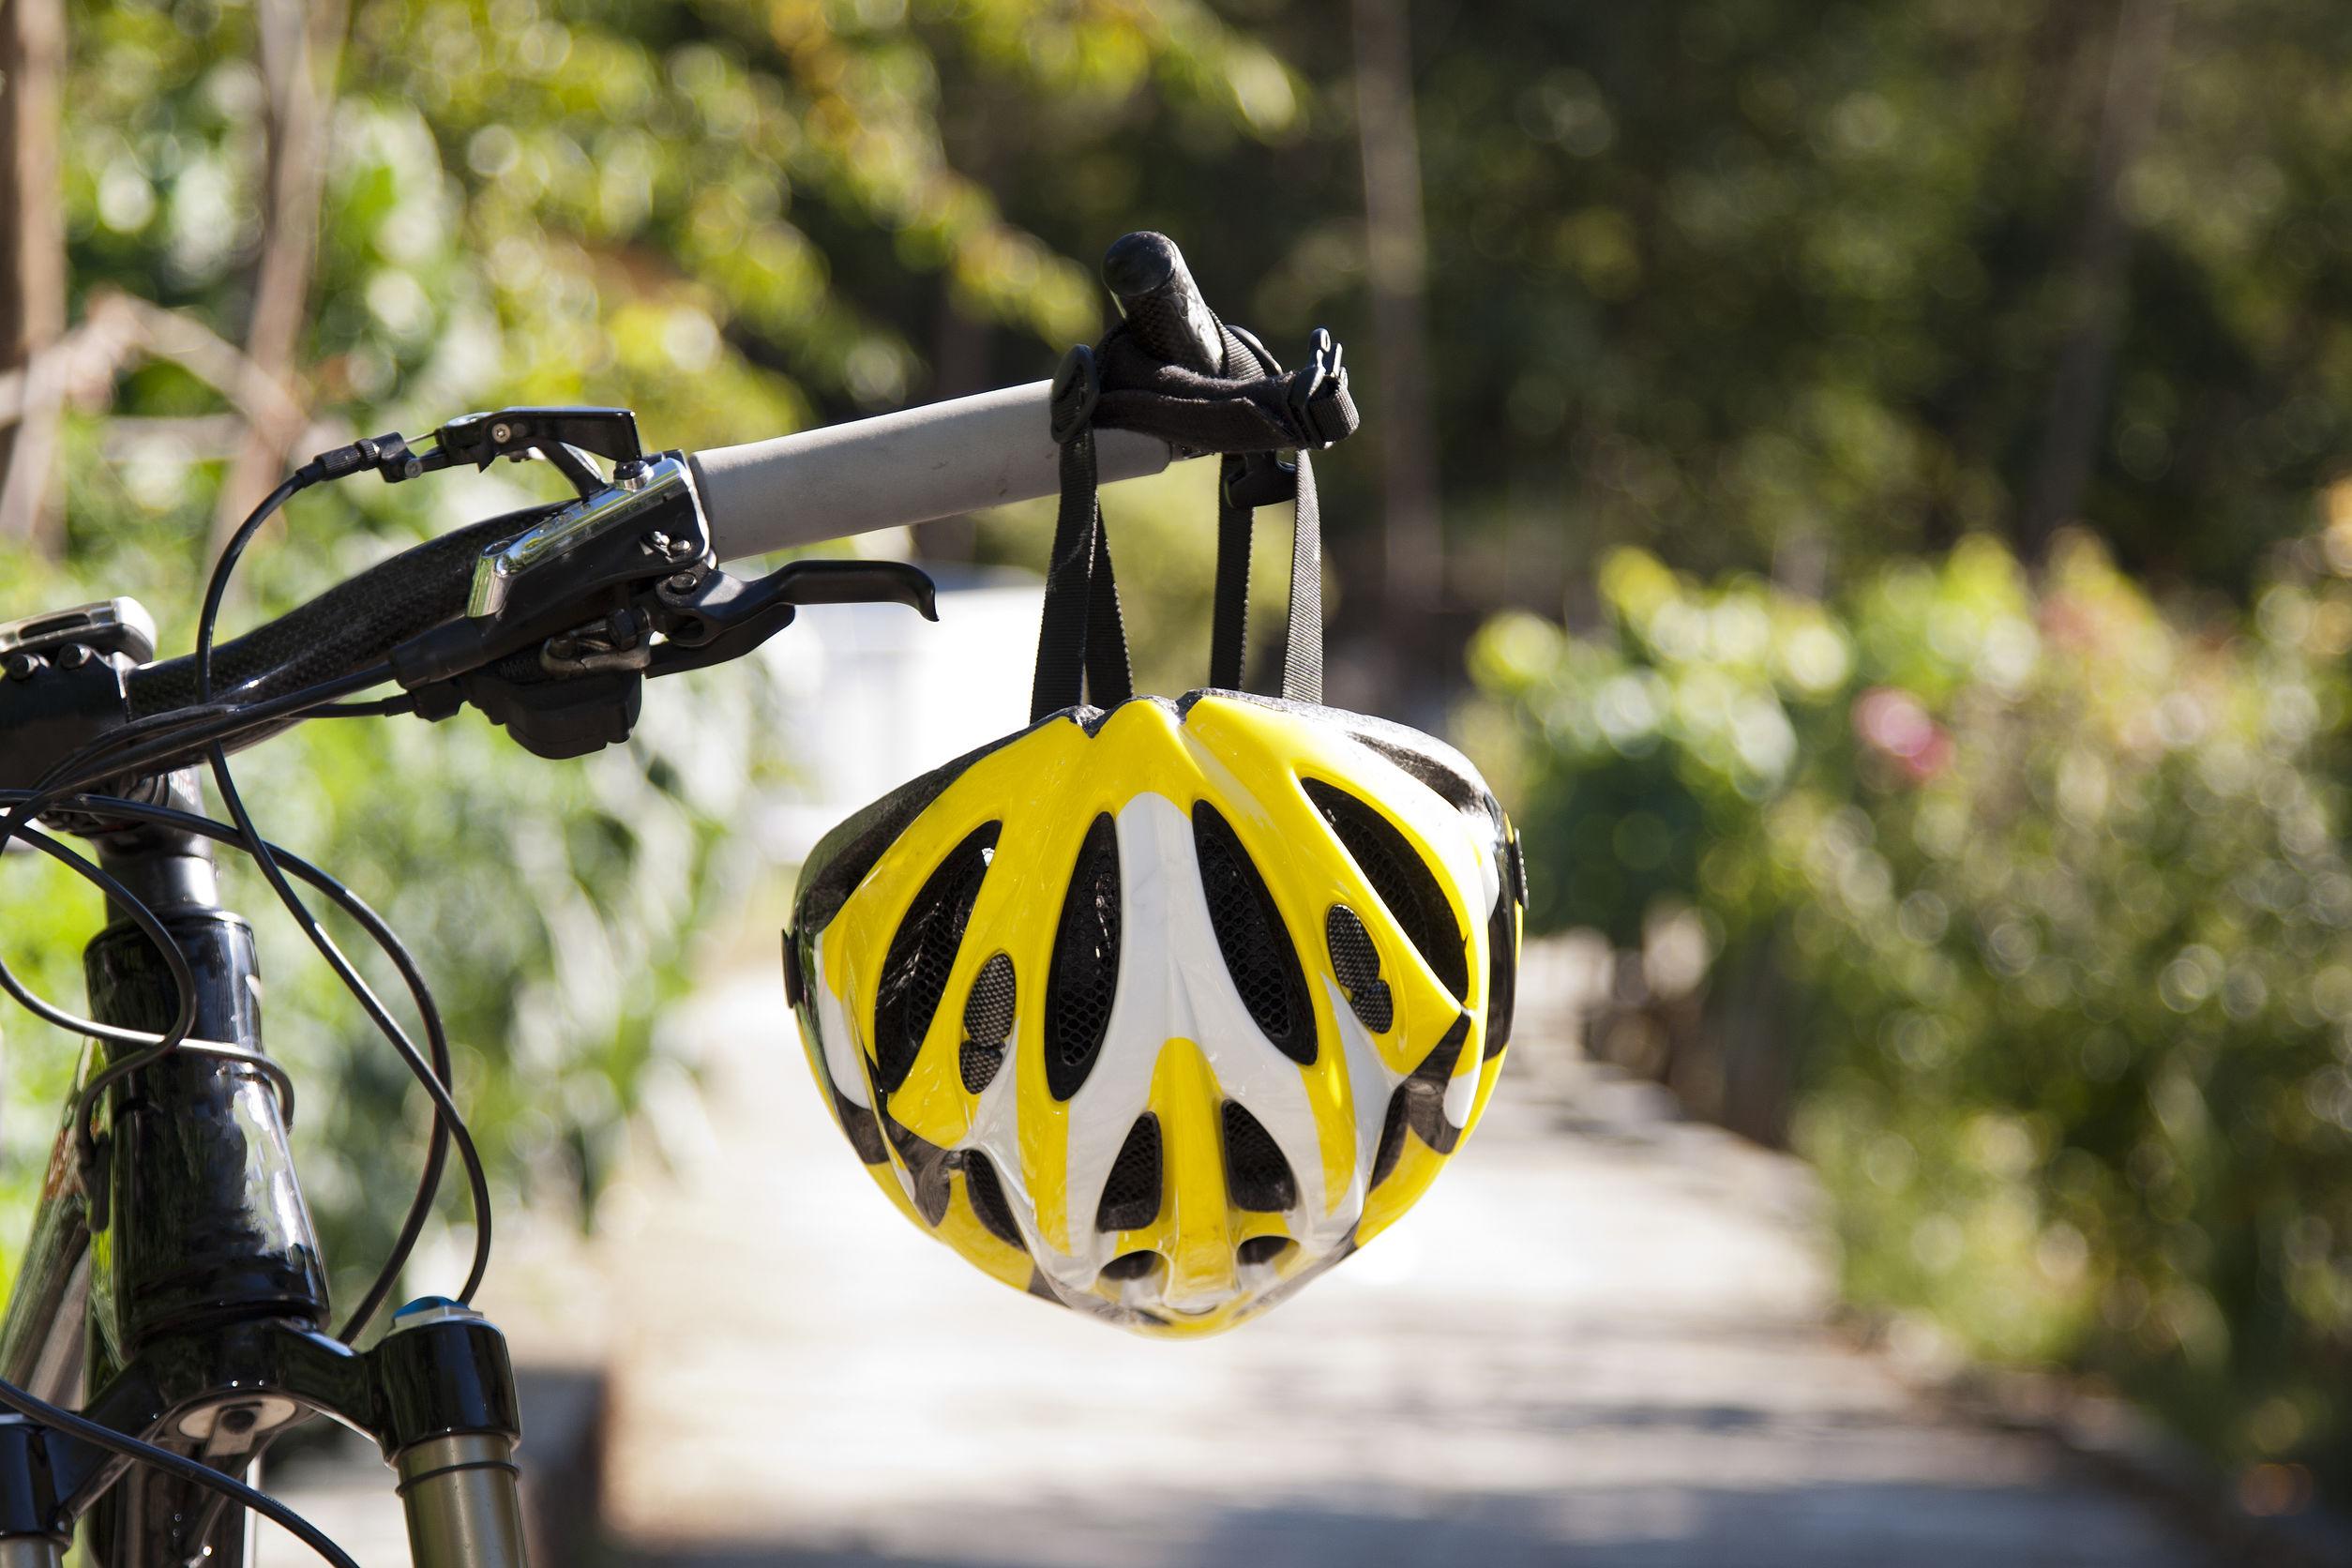 Uvex Fahrradhelm: Test & Empfehlungen (03/21)